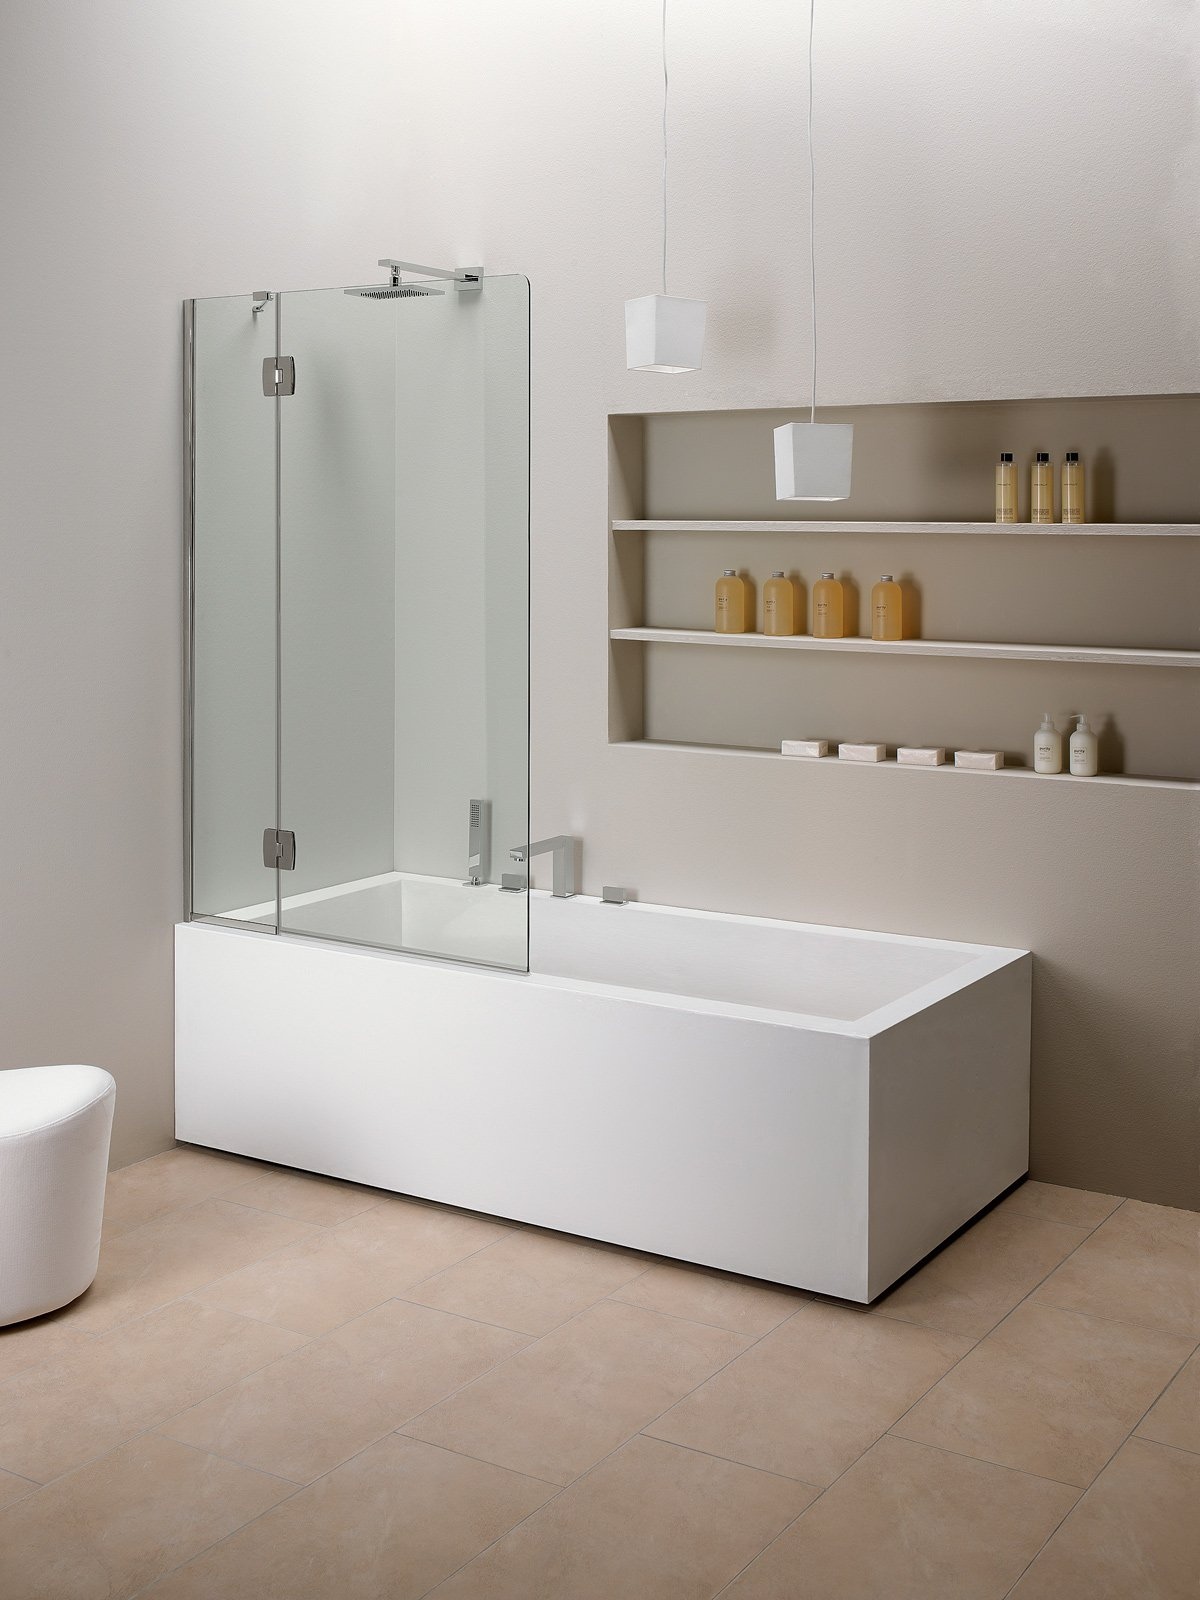 Vasca e doccia insieme cose di casa - Paraspruzzi per vasca da bagno ...